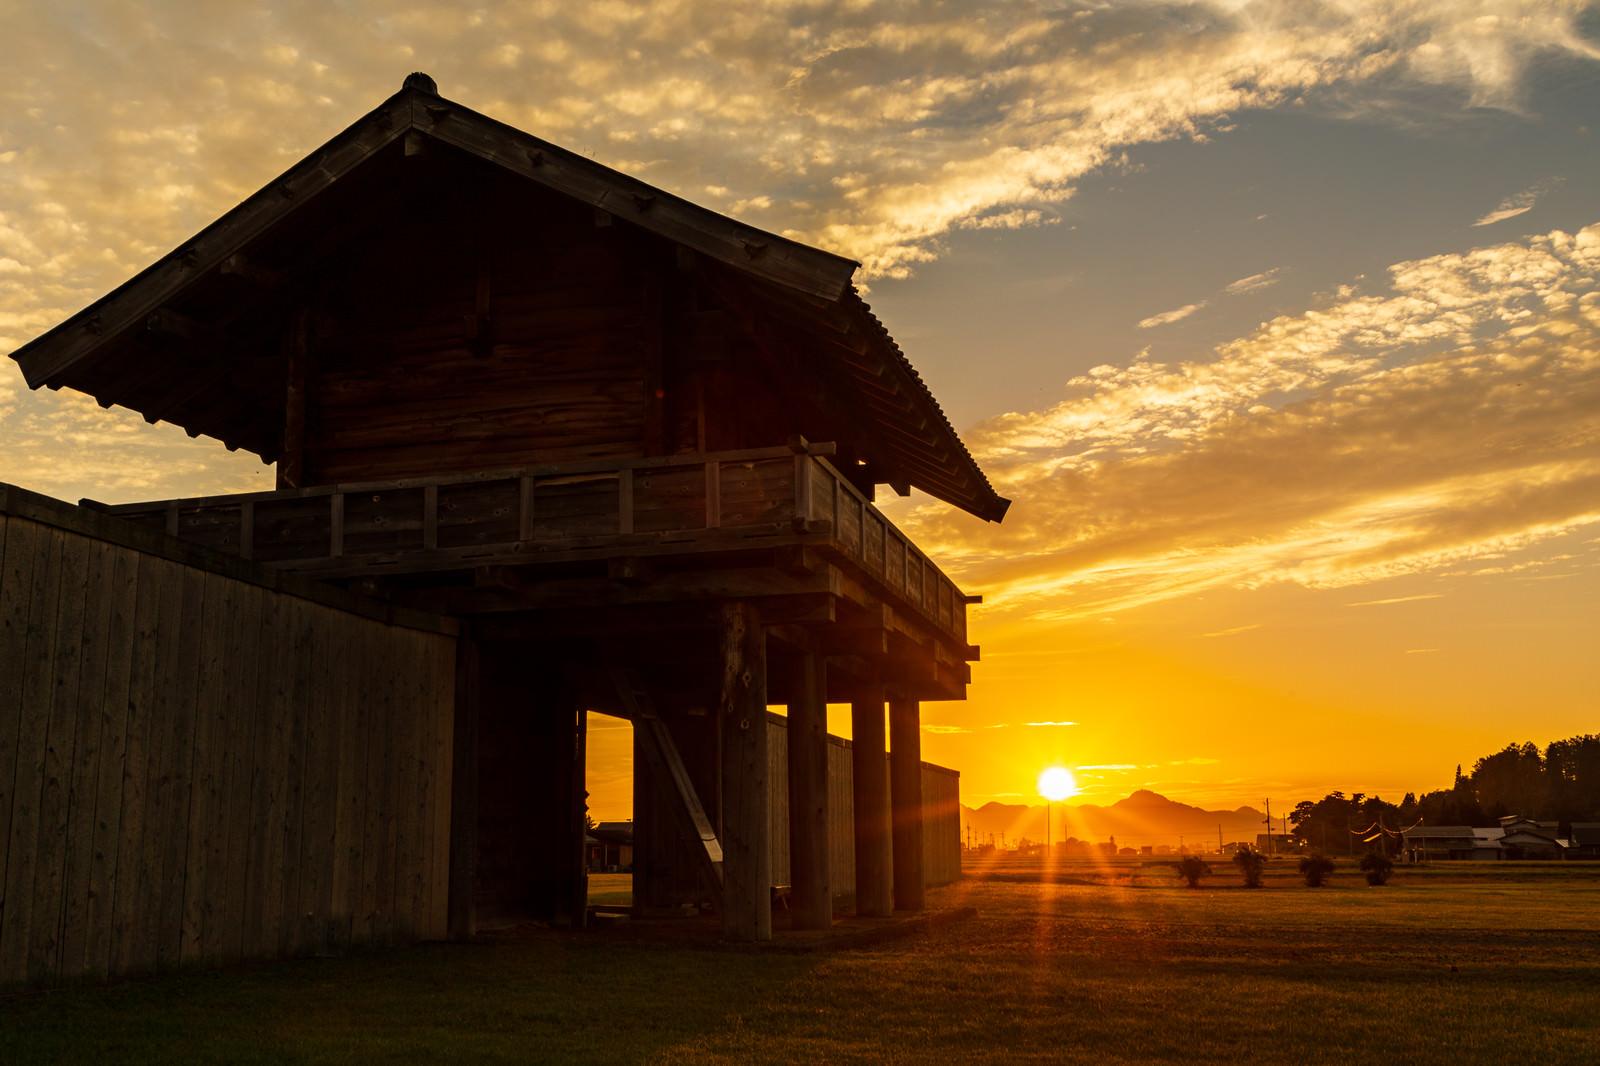 「朝日に照らされる払田柵跡(古代遺跡遺跡)」の写真